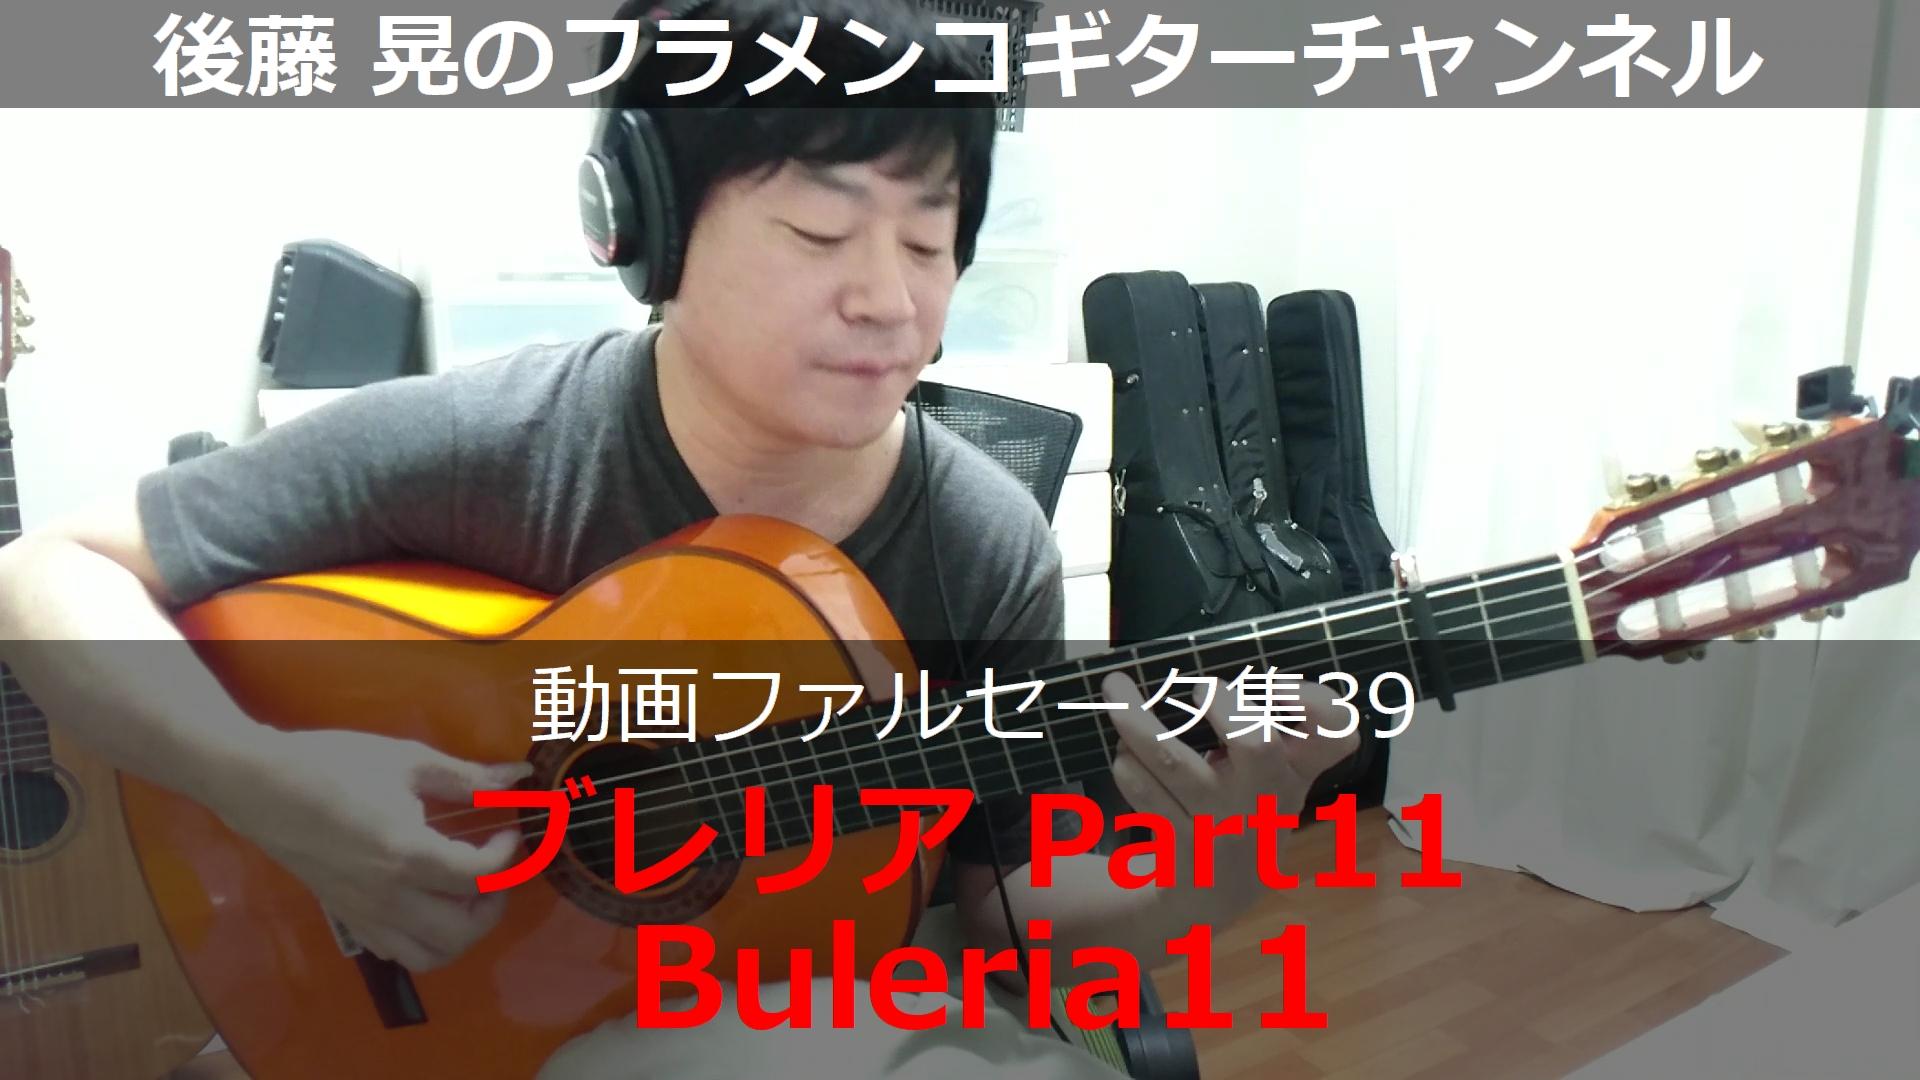 ブレリアPart11